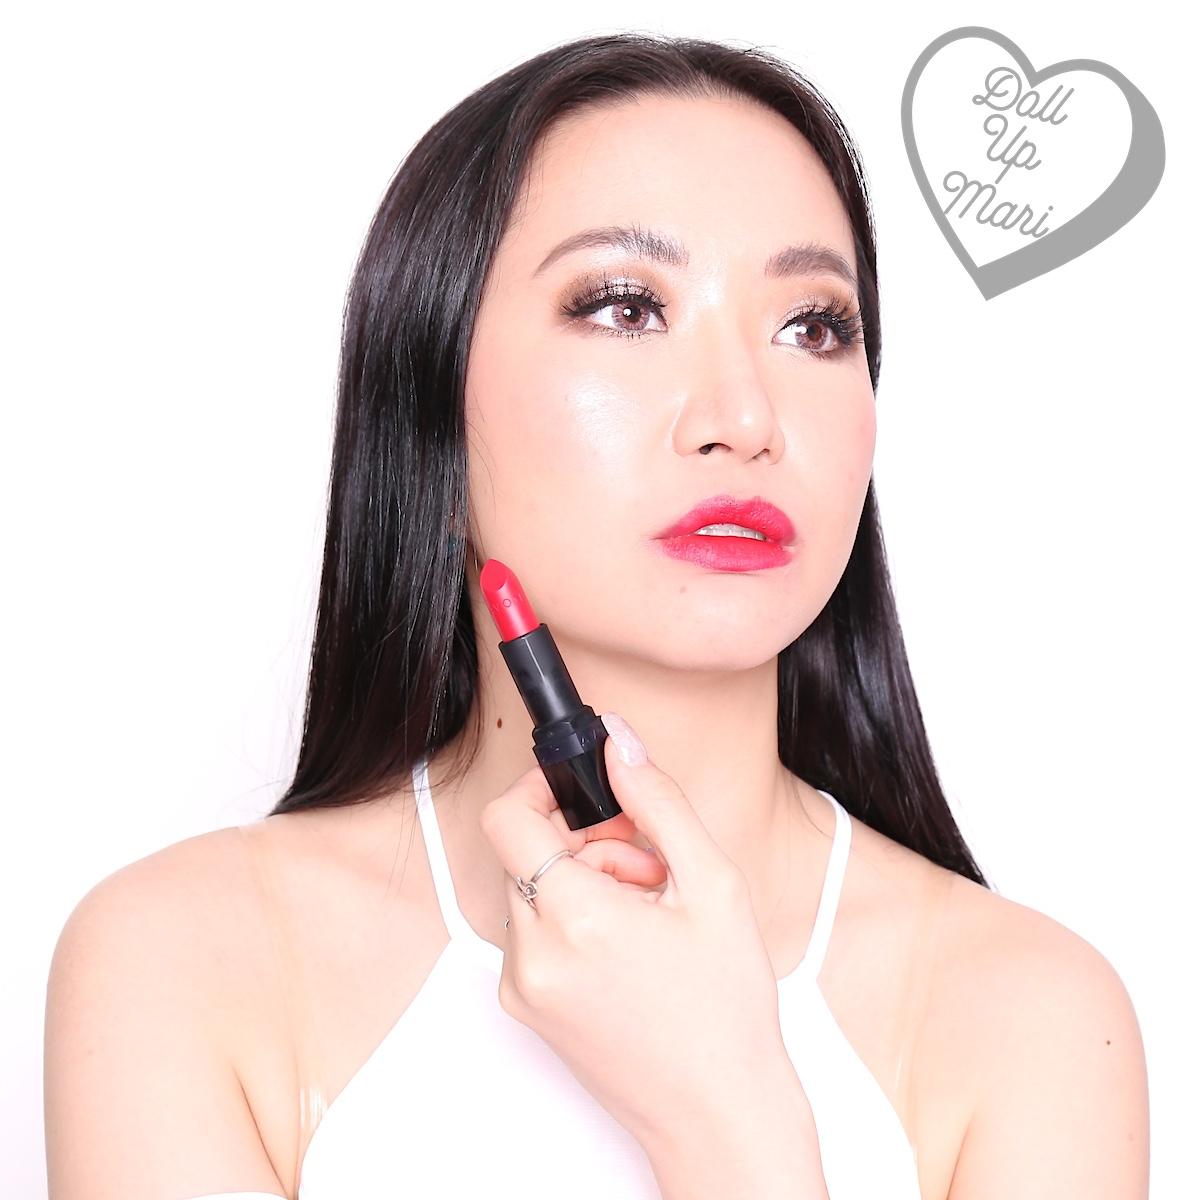 Mari wearing Ruby Kiss shade of AVON Perfectly Matte Lipstick